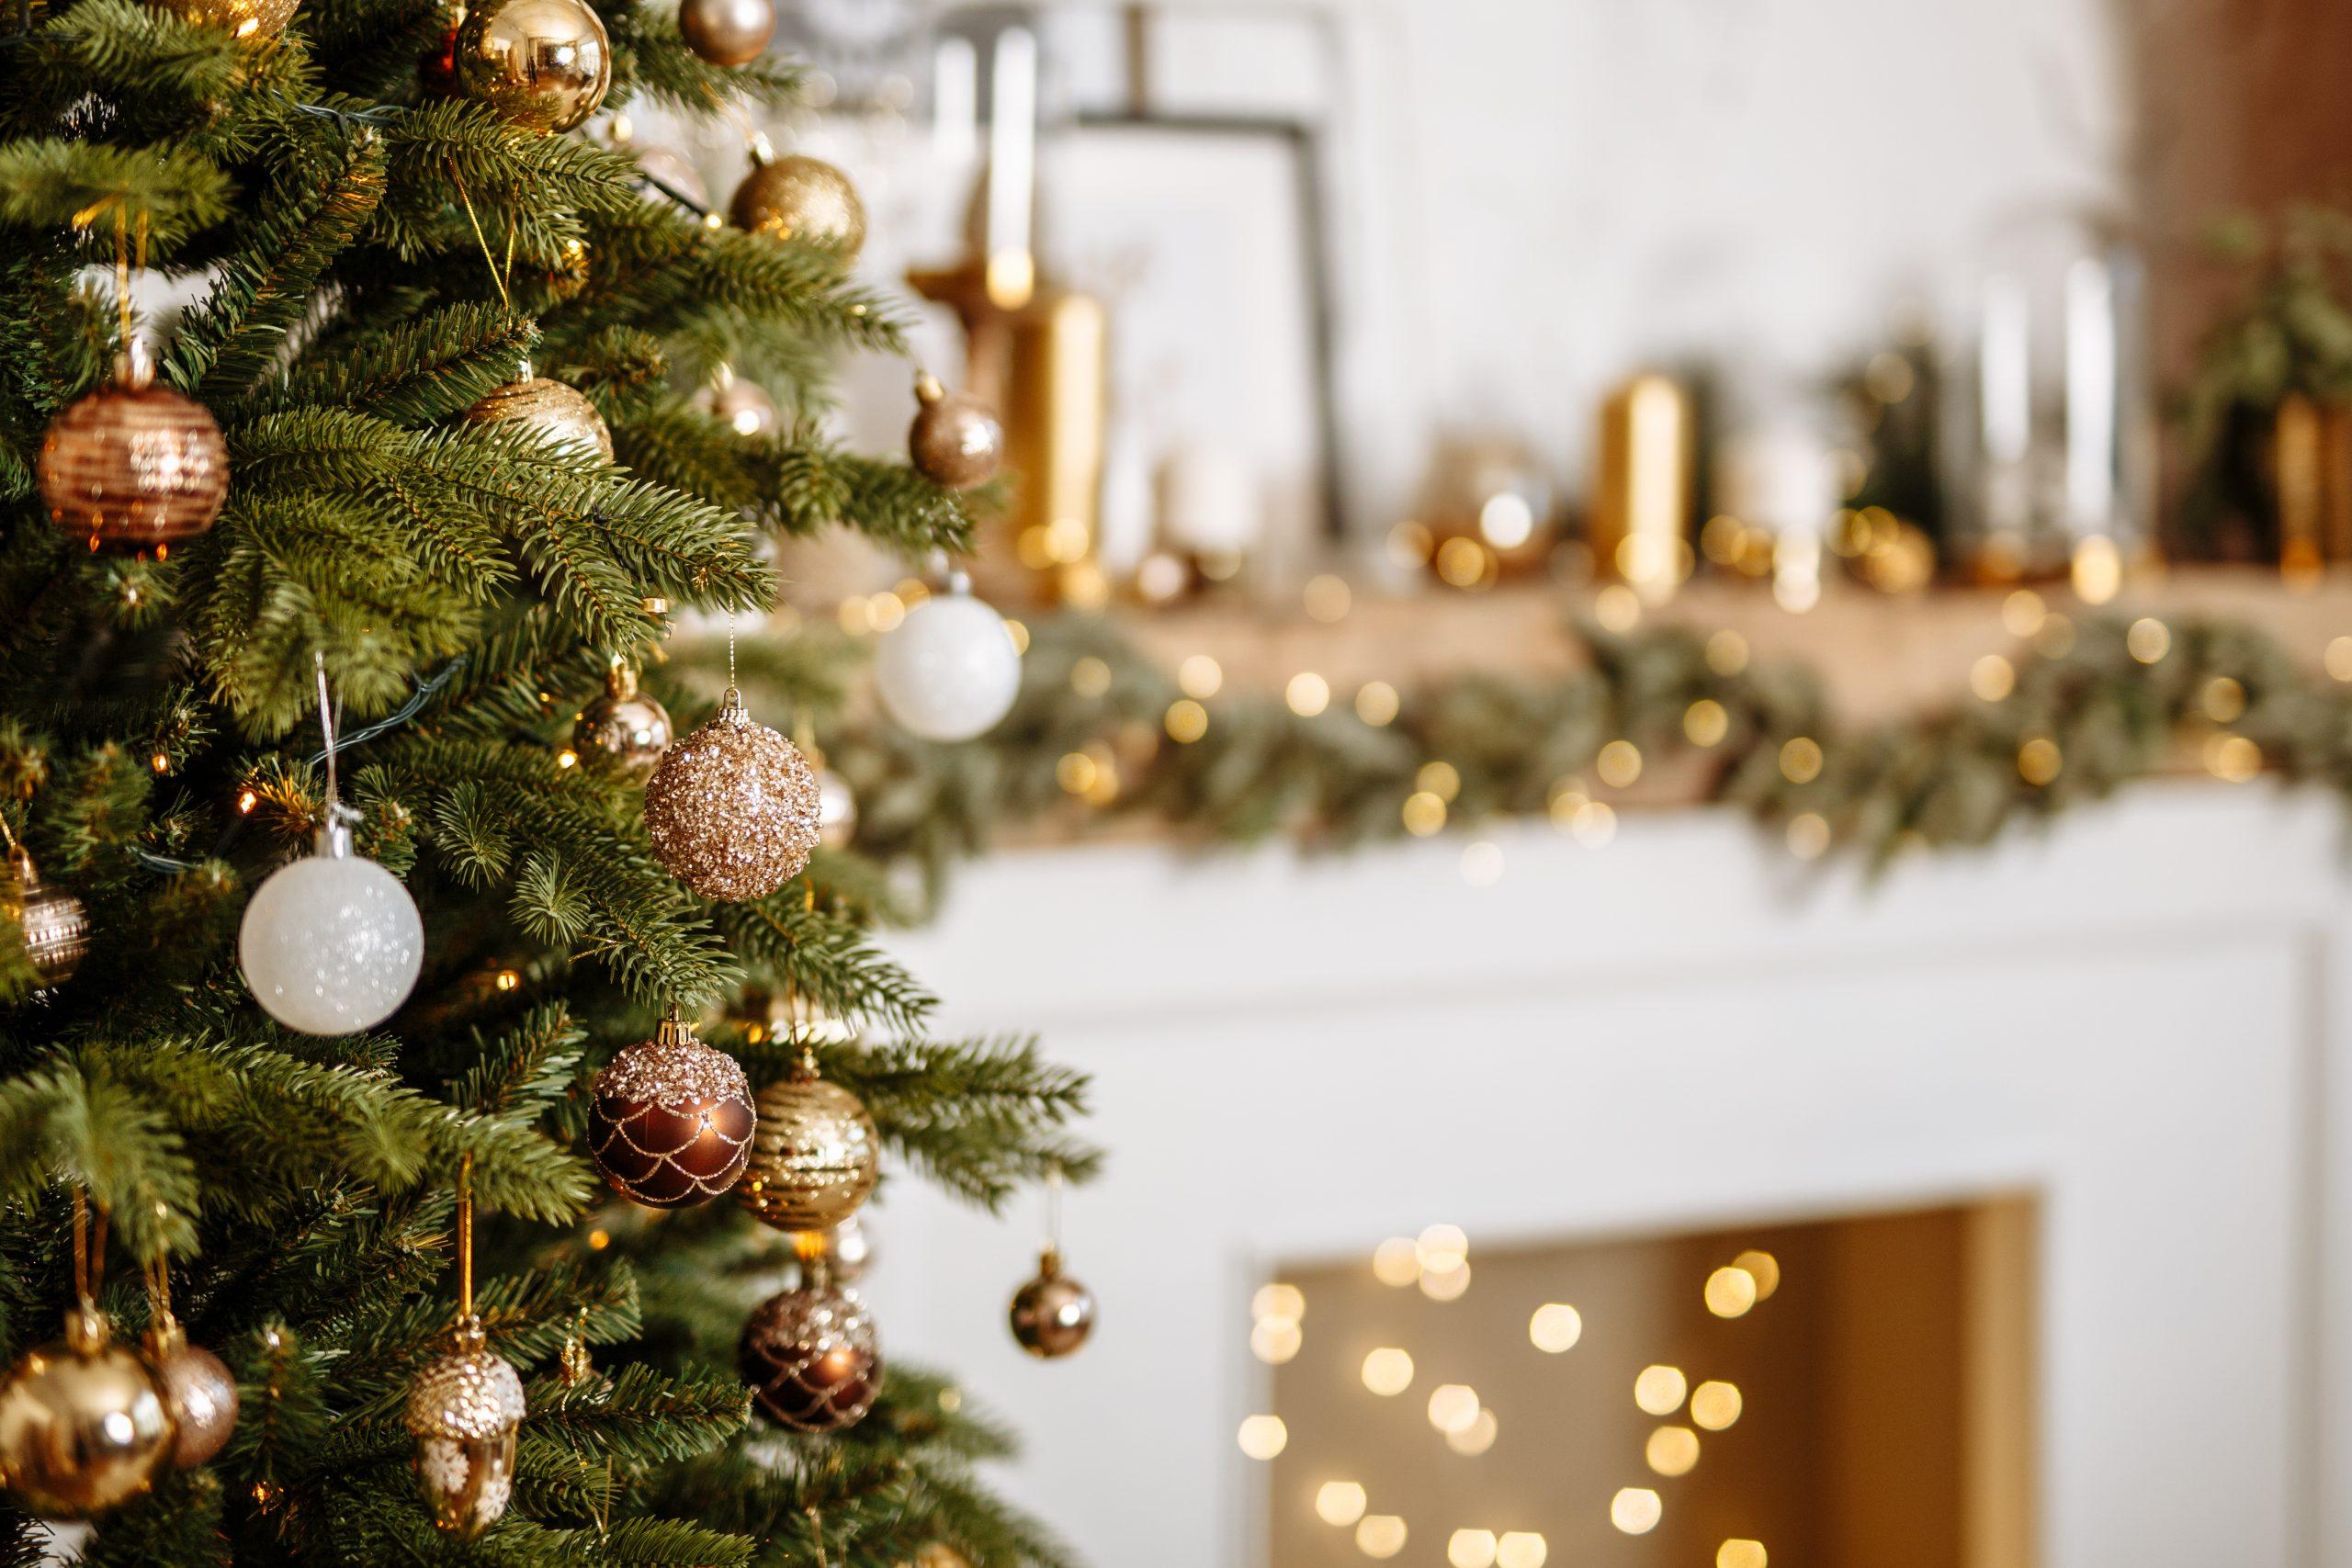 Biscotti Finti Per Albero Di Natale.Albero Di Natale Sostenibile Come Realizzarlo Rispettando L Ambiente Solonotizie24